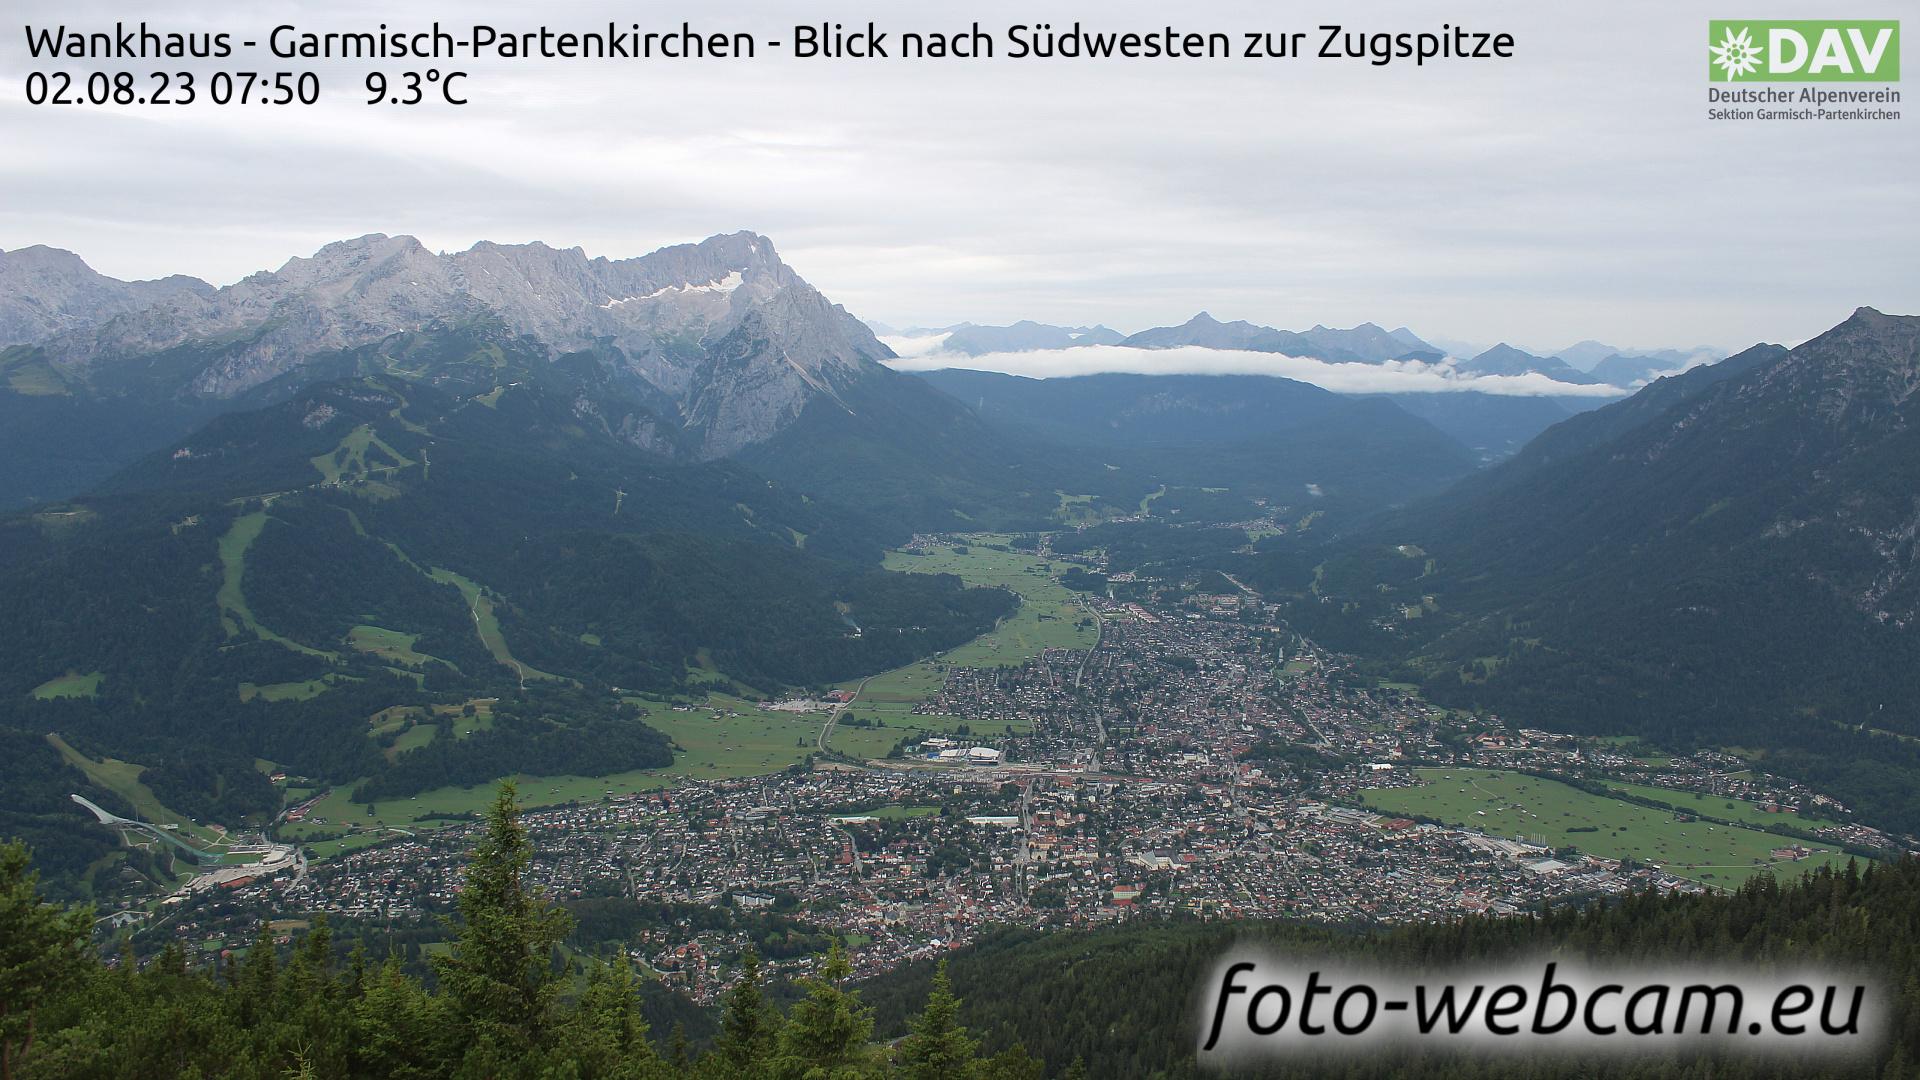 Garmisch-Partenkirchen Mon. 07:52